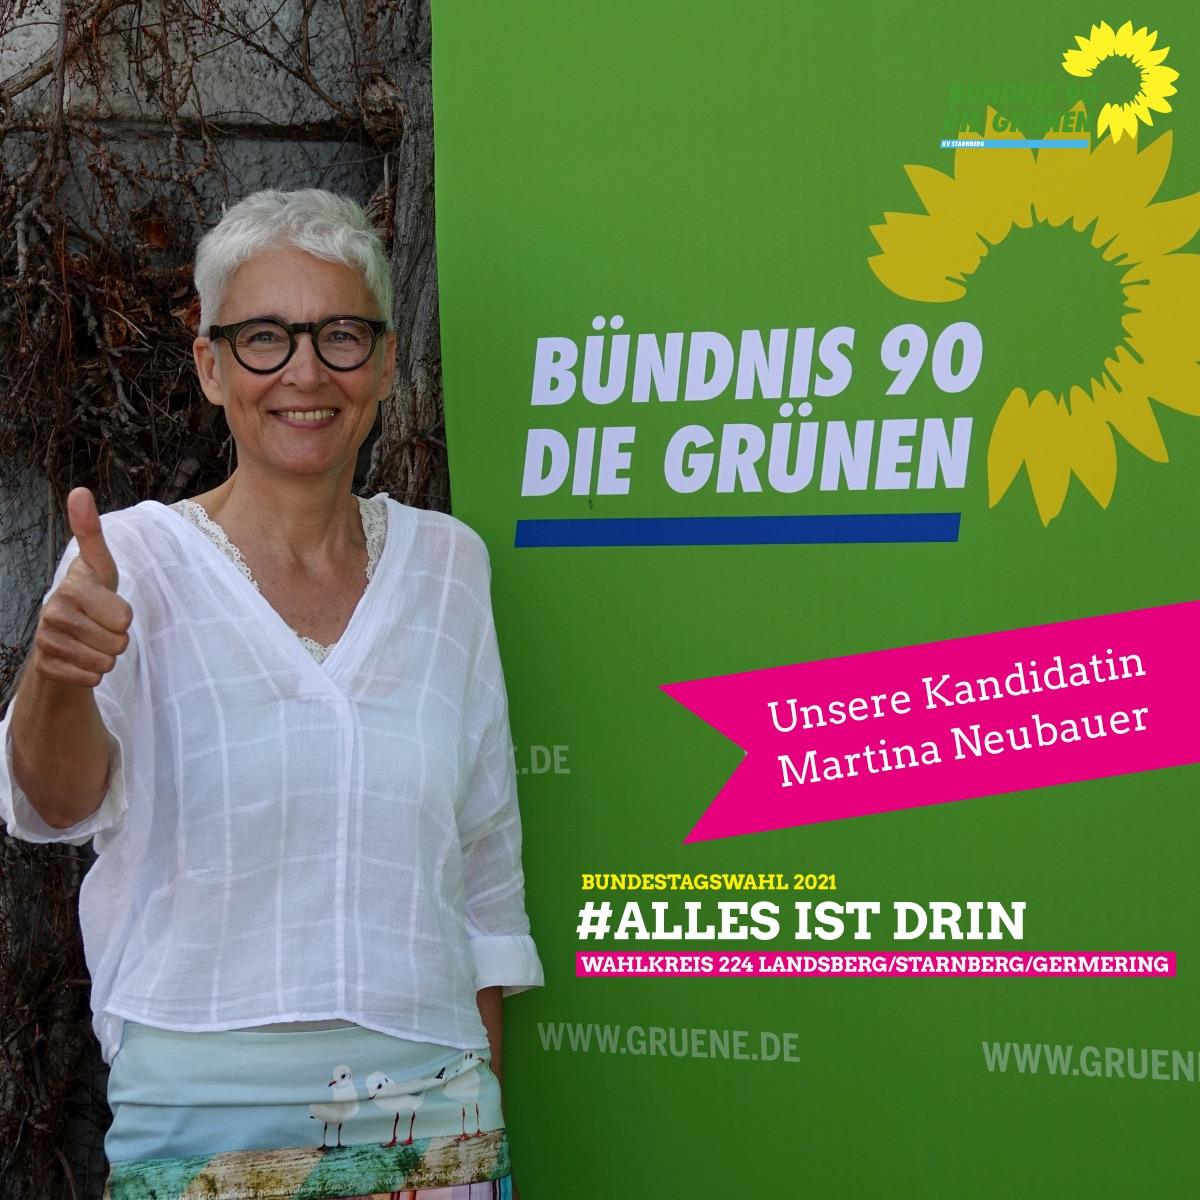 Direktkandidatin für die Bundestagswahl